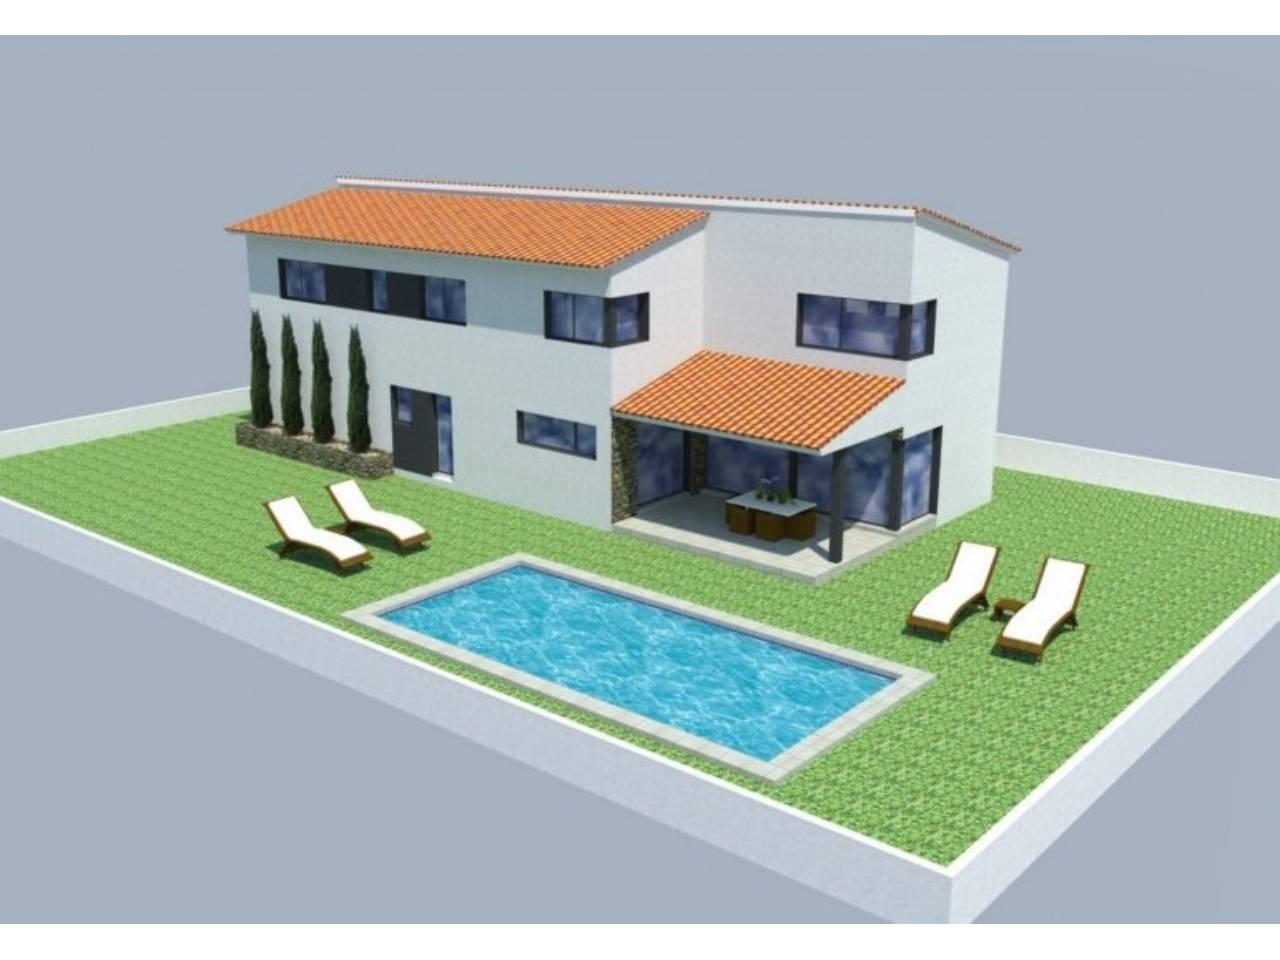 060547 - GARRIGUELLA Modelo casa GARRIGUELLA